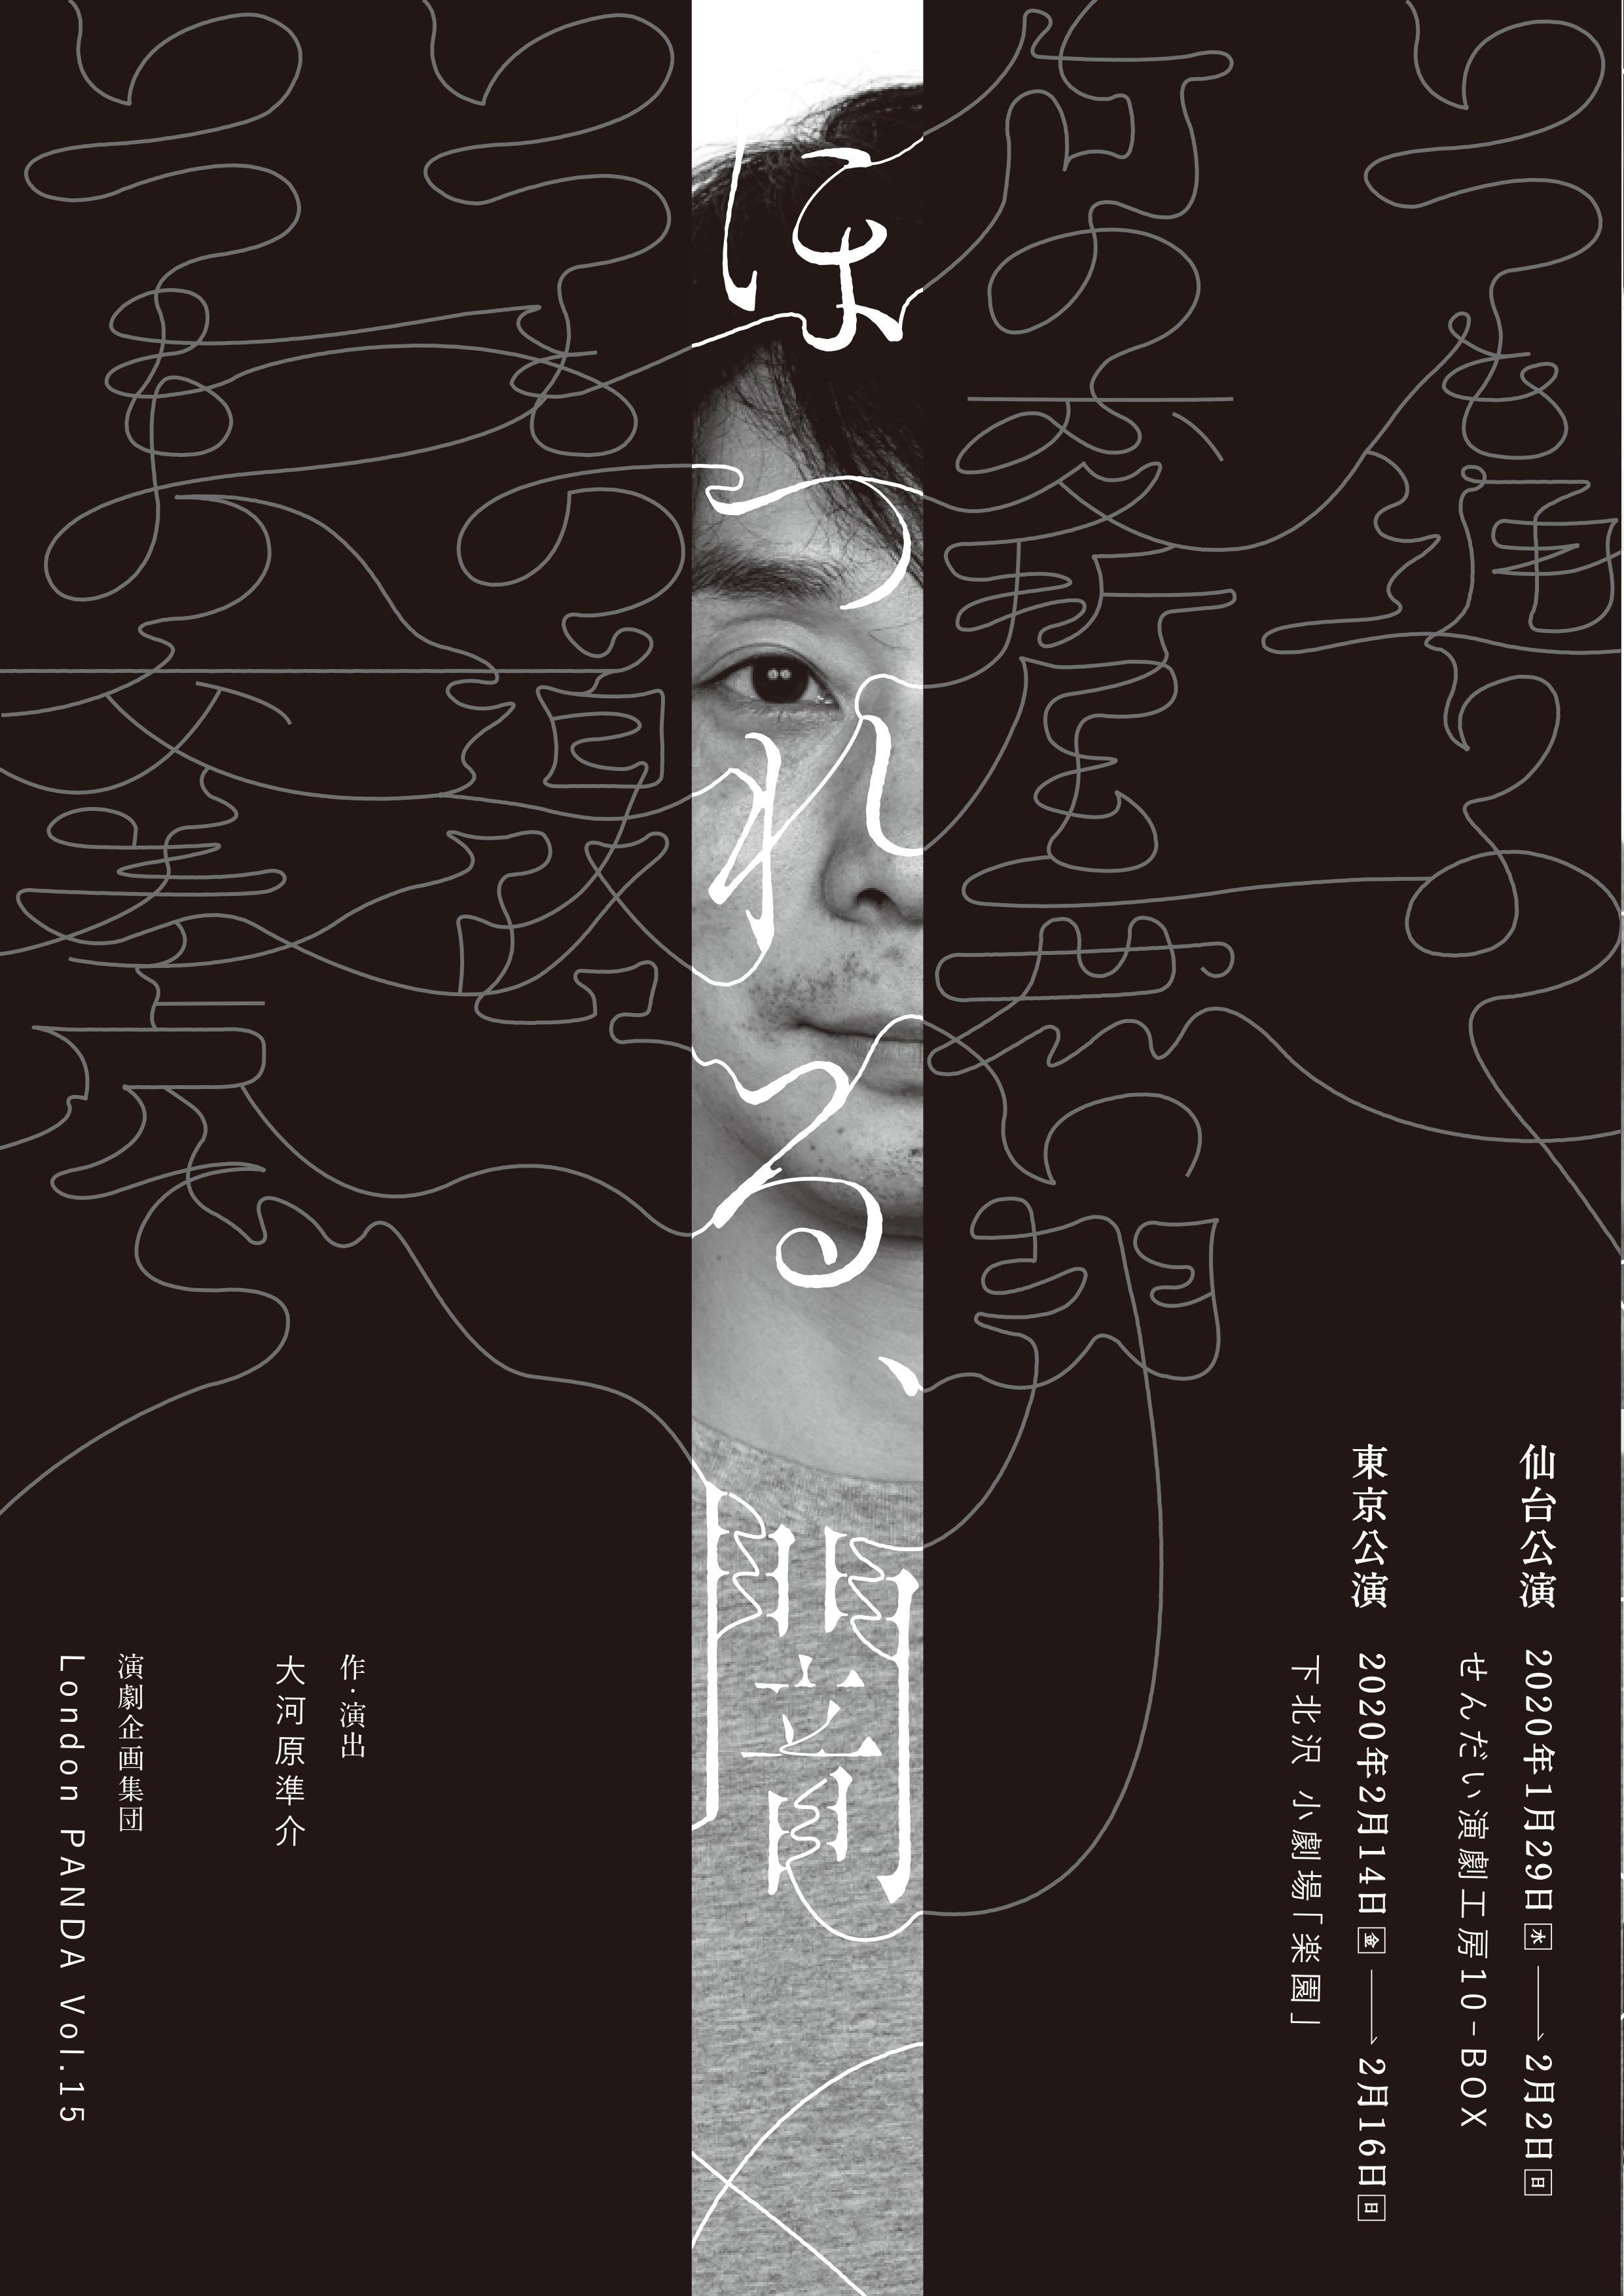 [東京]2/14(金)20時|演劇企画集団LondonPANDA『ほつれる、闇』